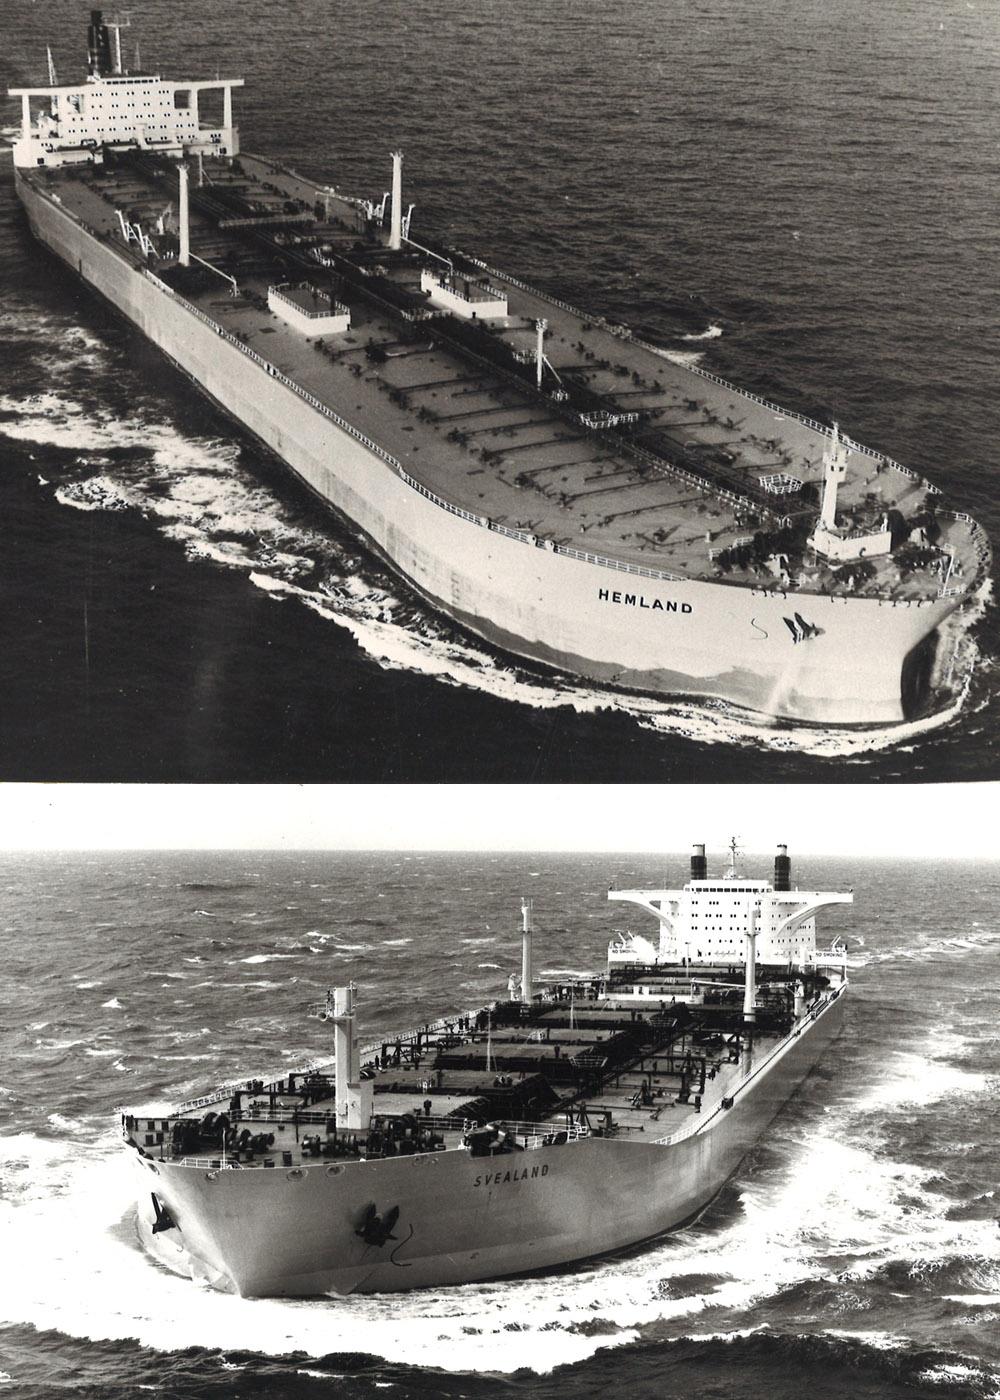 """Title - 1973 sjösätts kombinationsfartyget """"Svealand"""" om 278 000 tdw på Eriksberg – världens största torrlastfartyg. Följande år sjösätts Hemland – ett av världens största tankfartyg om hela 366 000 tdw.1975 är sjöfarts- och varvskrisen ett faktum och Eriksberg säljs till staten. Trots hårda förhandlingar, om framförallt bemanningsfrågor, tvingas även SAL att lägga ner verksamheten.1992 köps Broströms av Shipinvest och driver då ett hundratal produkttankers. 2008 köps Broströms av den världsomspännande danska koncernen A.P. Möller–Maersk, som 2012 flyttar verksamheten från Göteborg till Köpenhamn."""